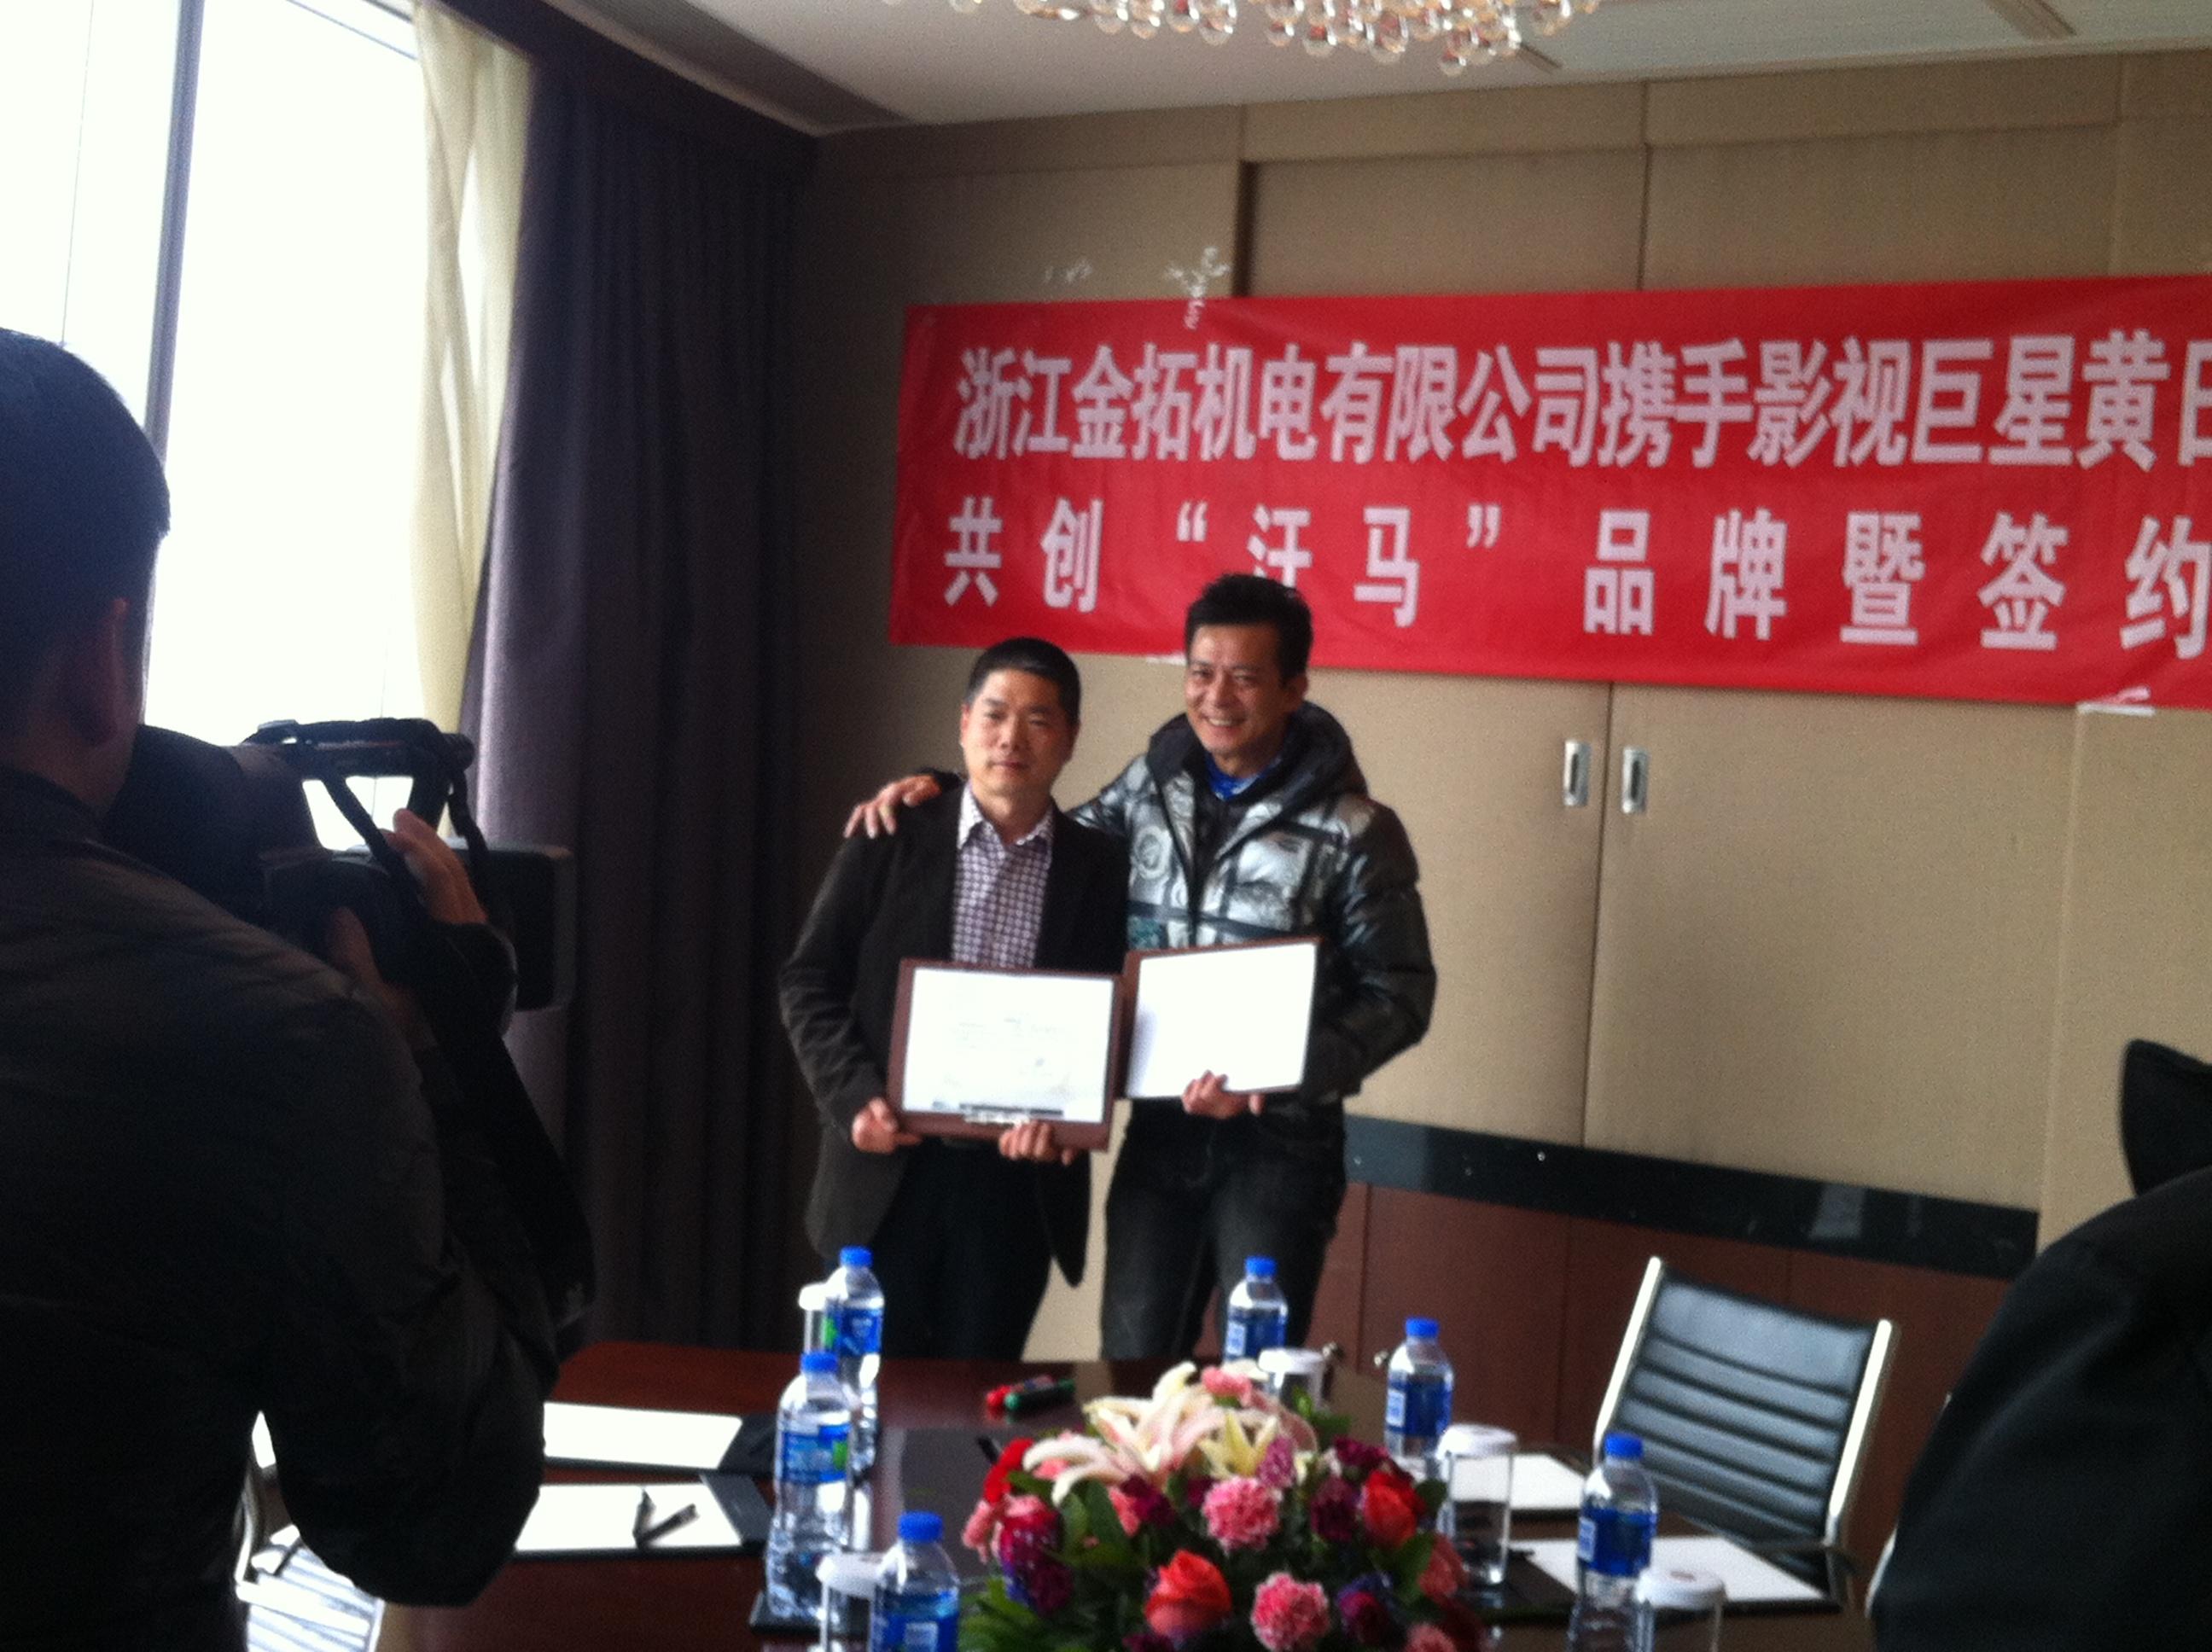 香港著名影视明星黄日华代言汗马品牌跑步机签约现场